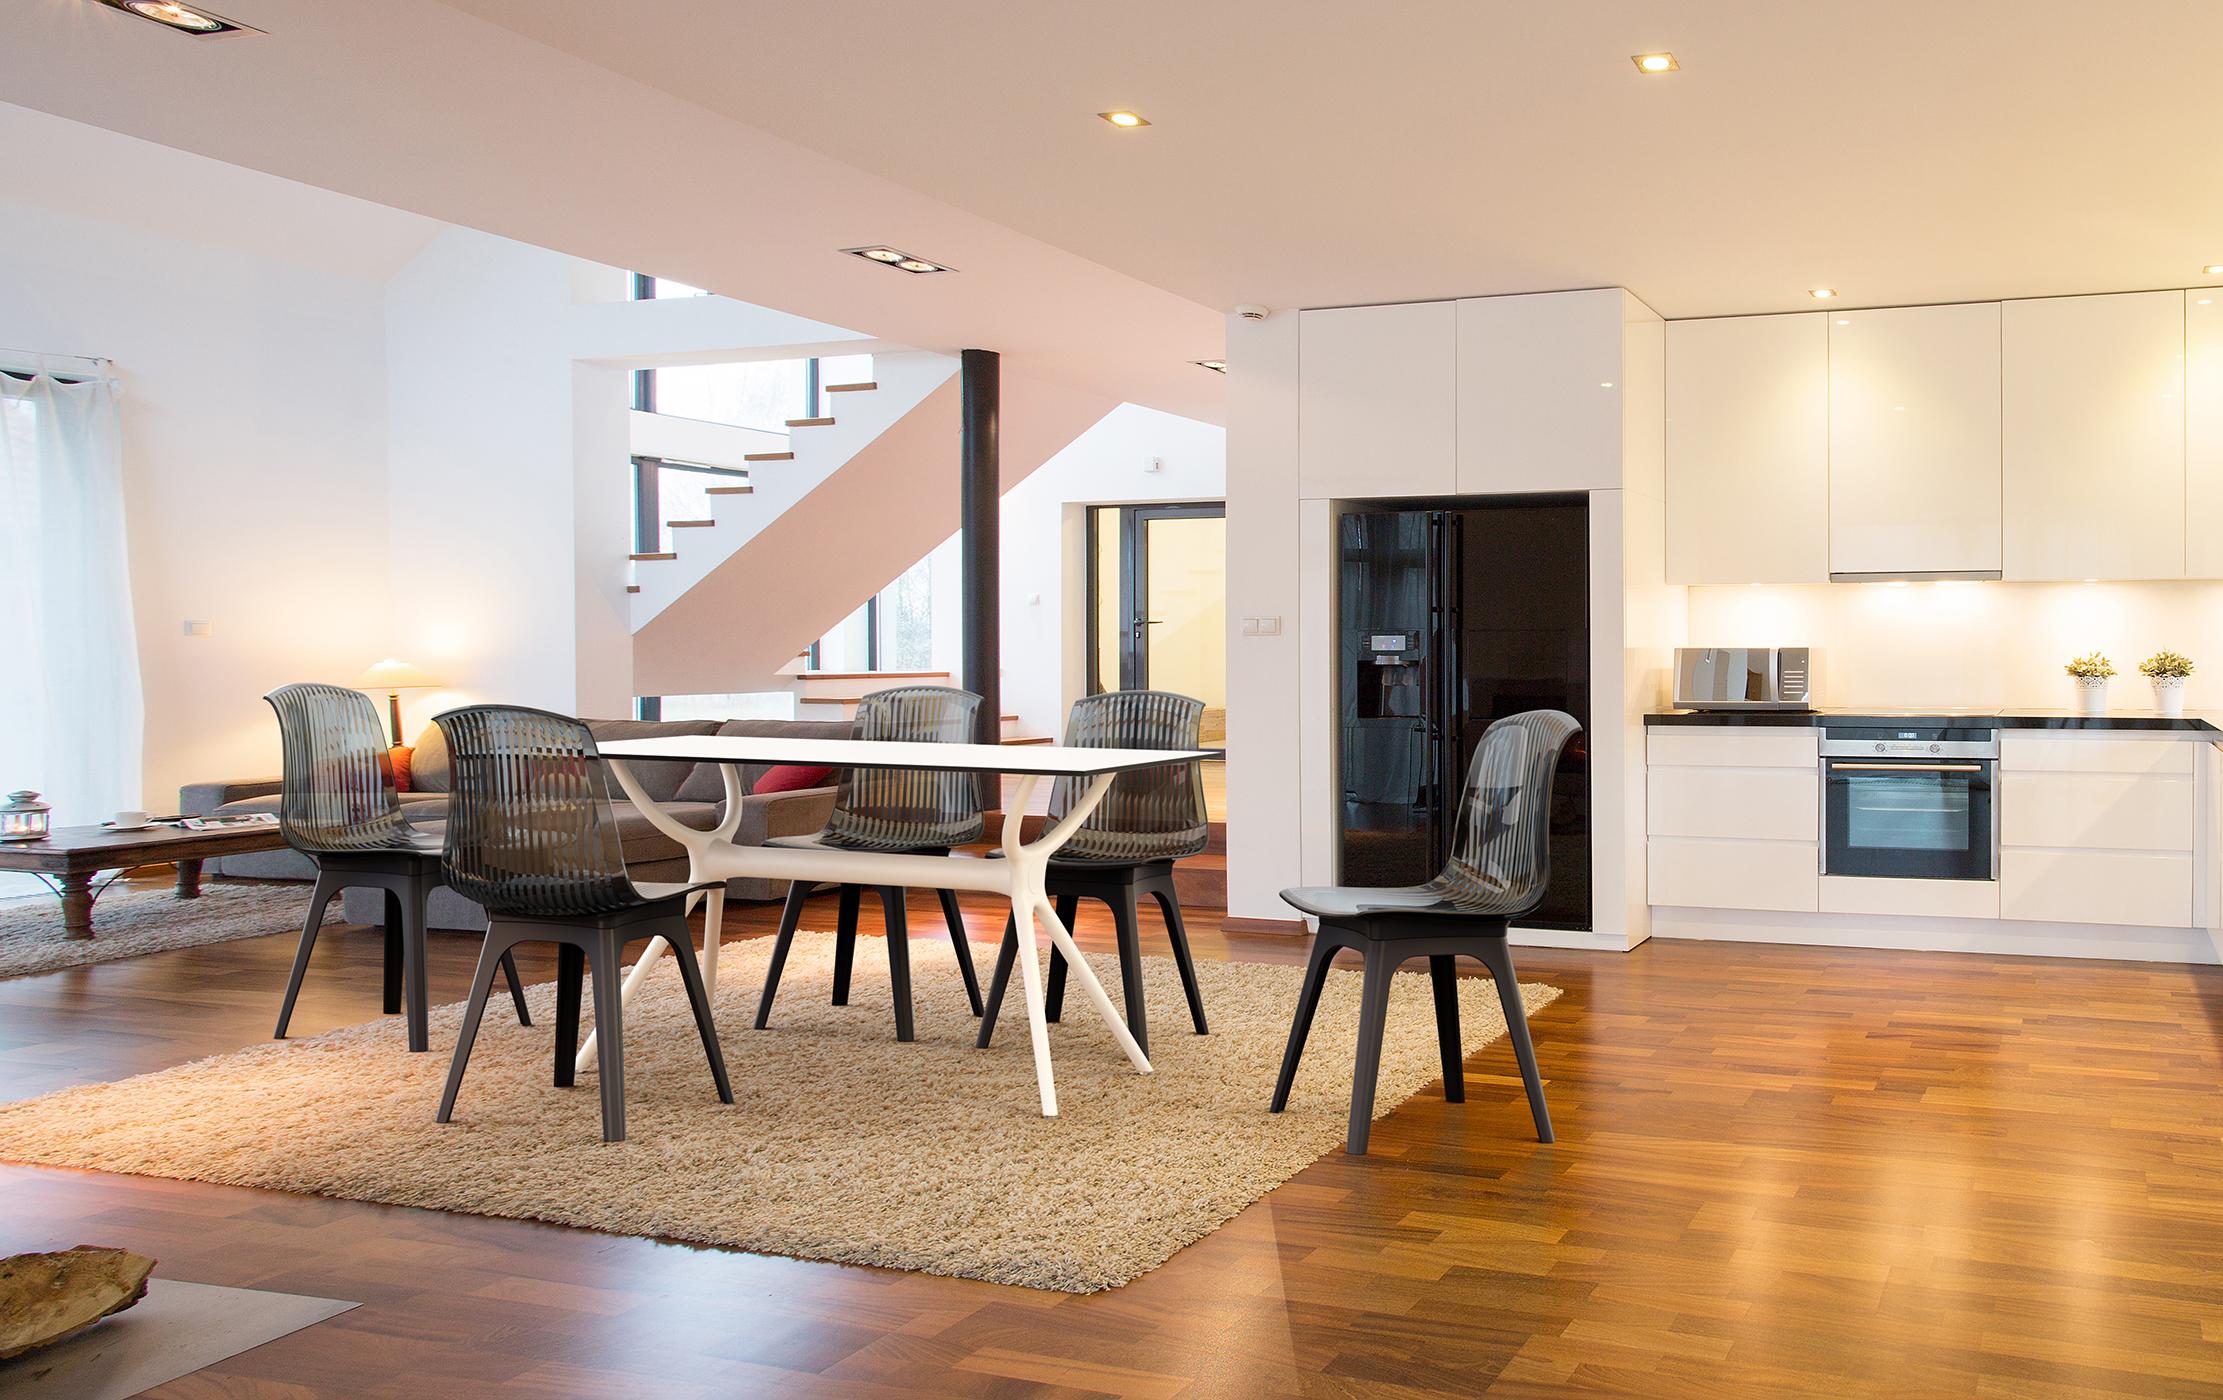 siesta sterreich air tisch gestell mittel. Black Bedroom Furniture Sets. Home Design Ideas